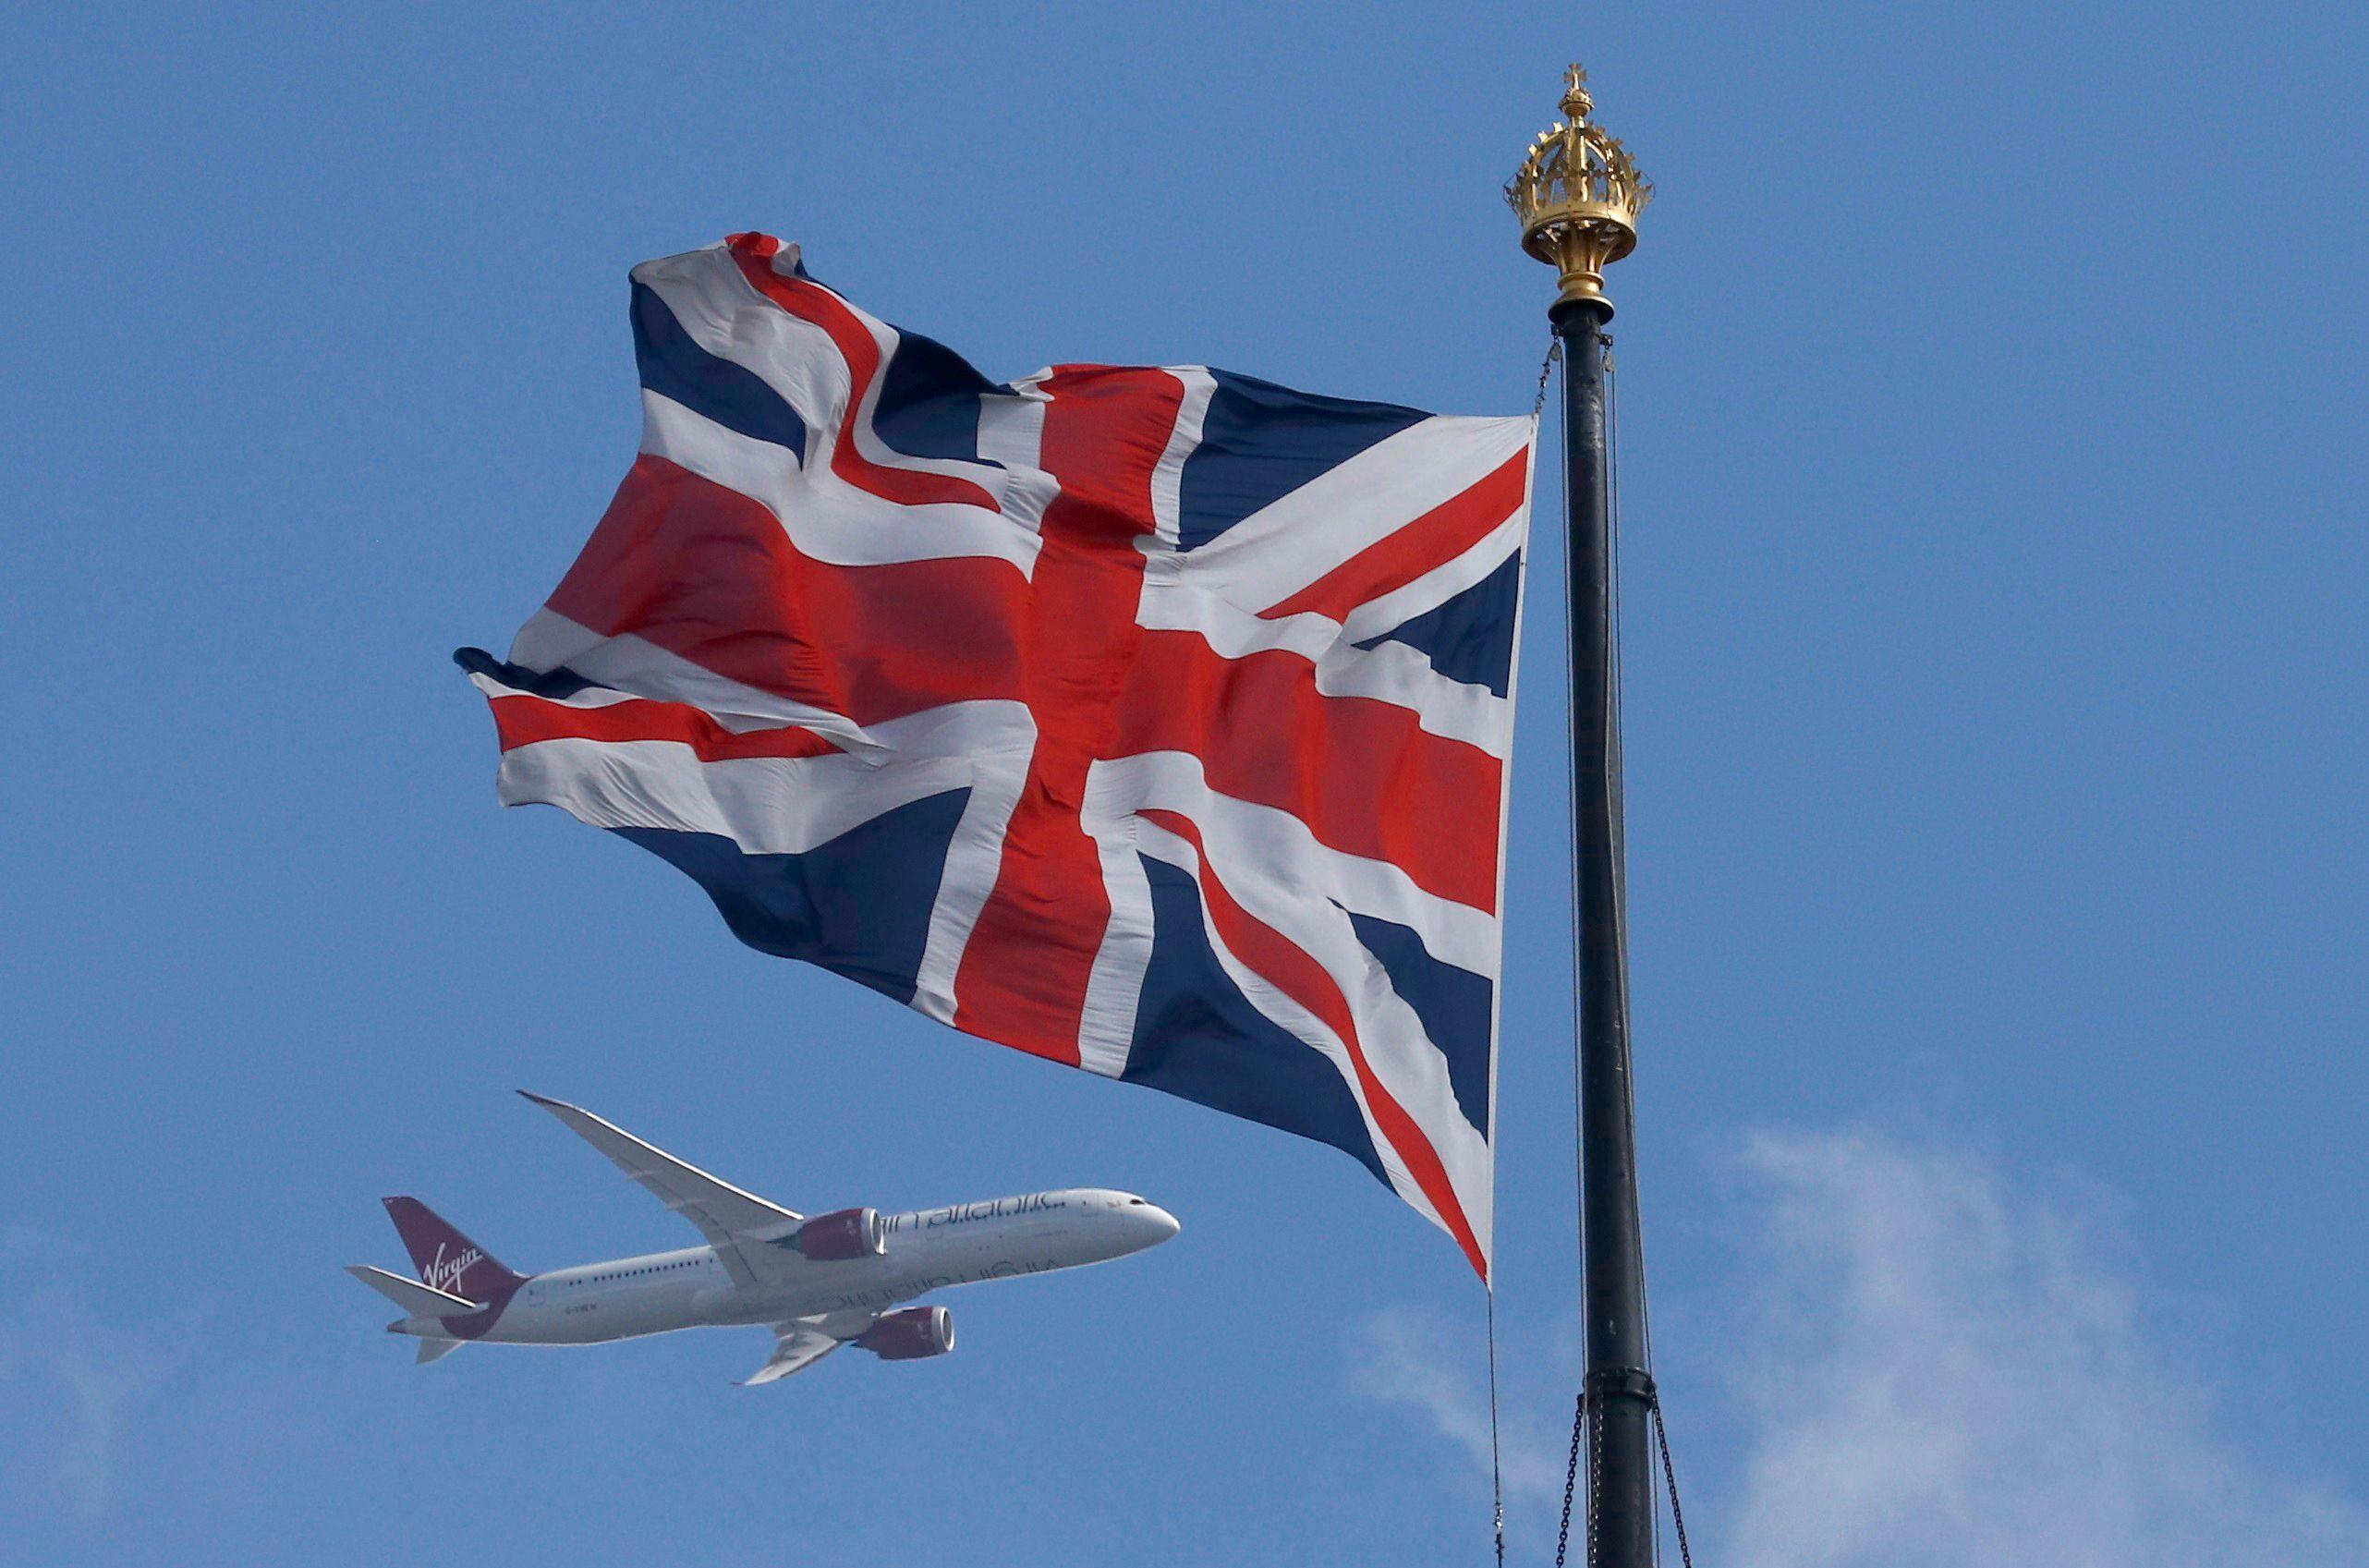 Le Royaume-Uni se prépare à sortir les gros moyens, pour obtenir ses conditions. C'est en tout cas ce qu'a déclaré le ministre des finances anglais.